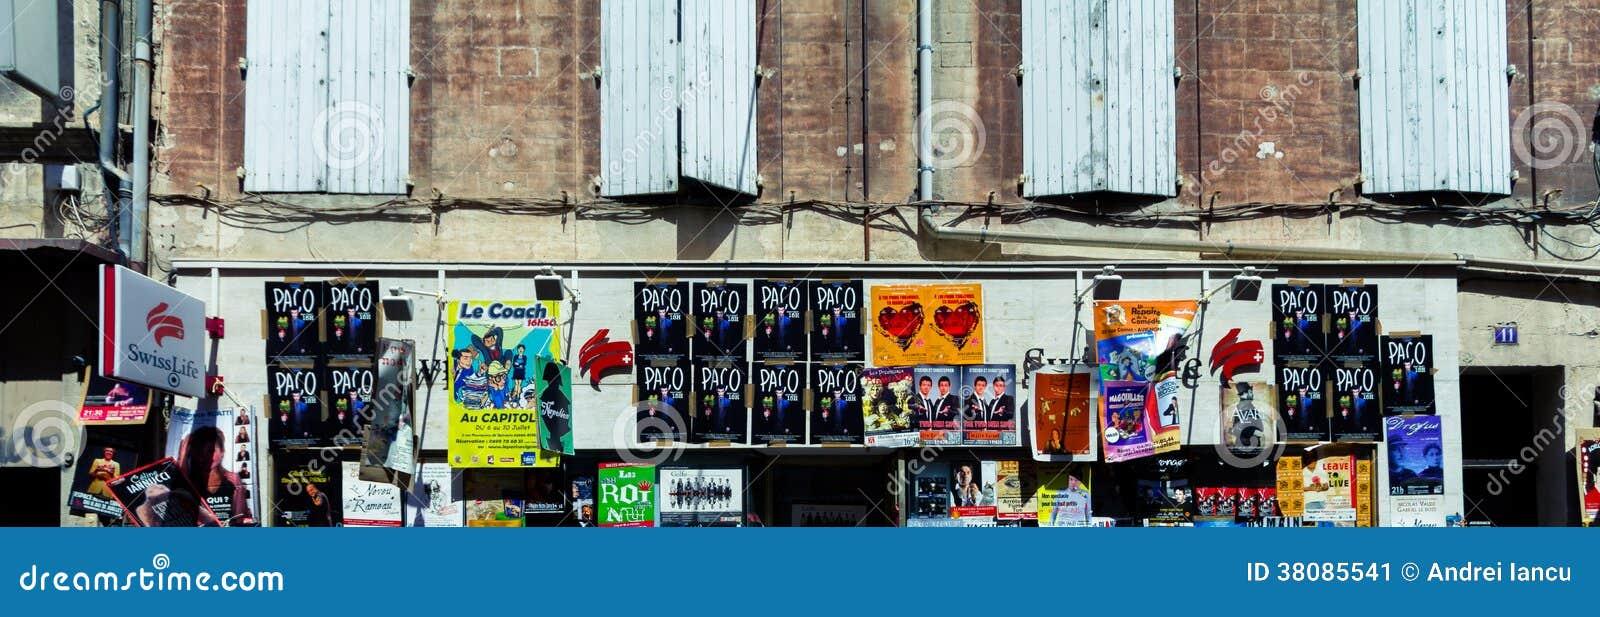 Avignon theatre festival posters